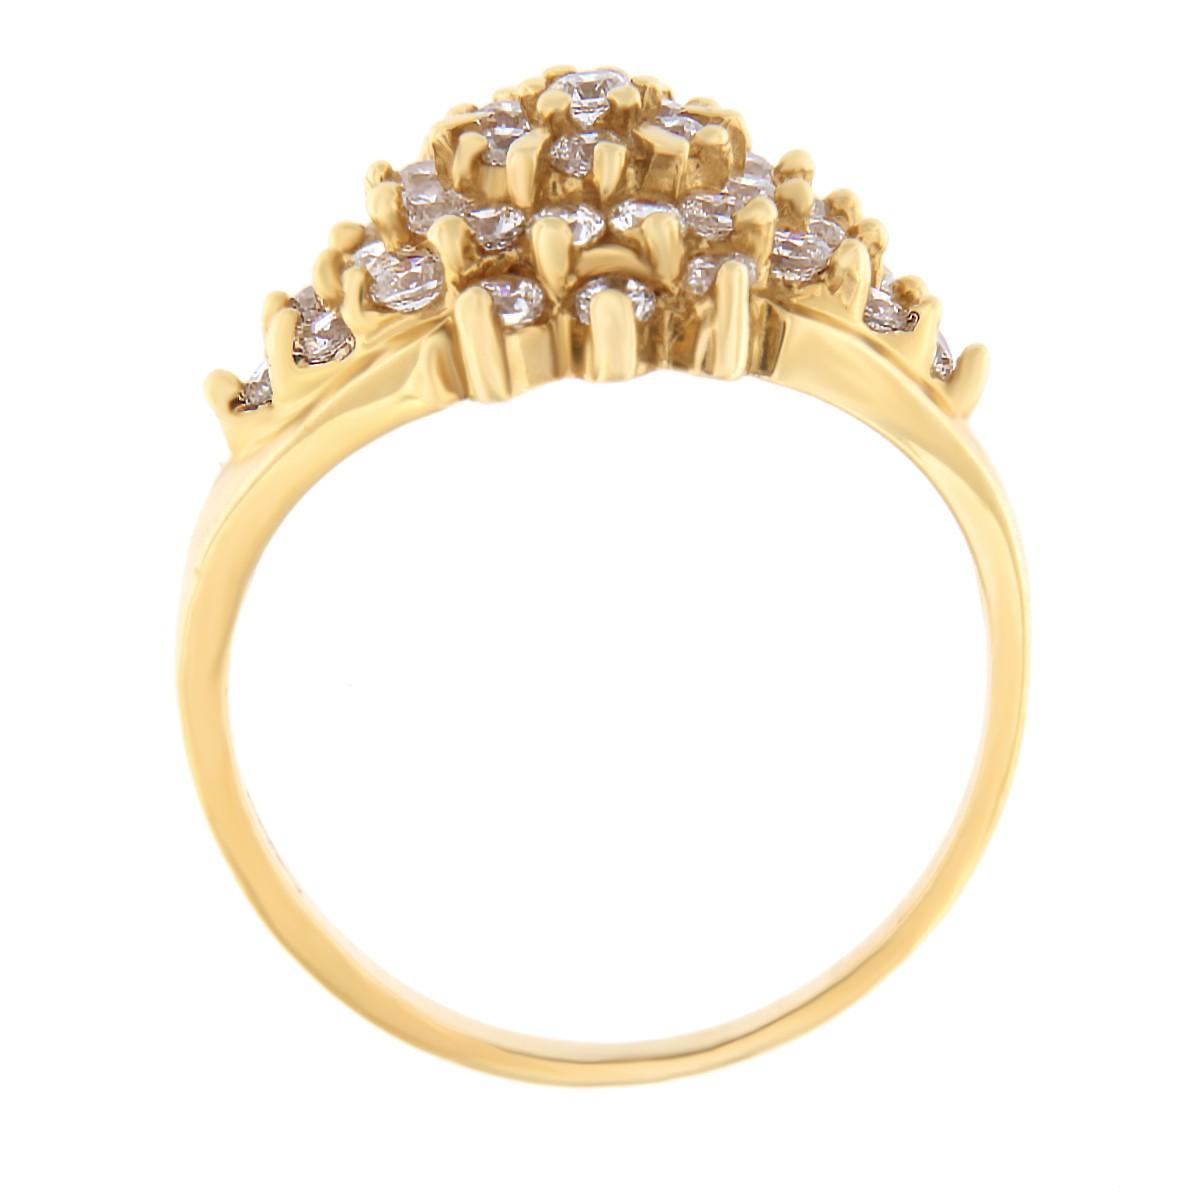 Kullast sõrmus tsirkoonidega Kood: 261pe, 95pt külg